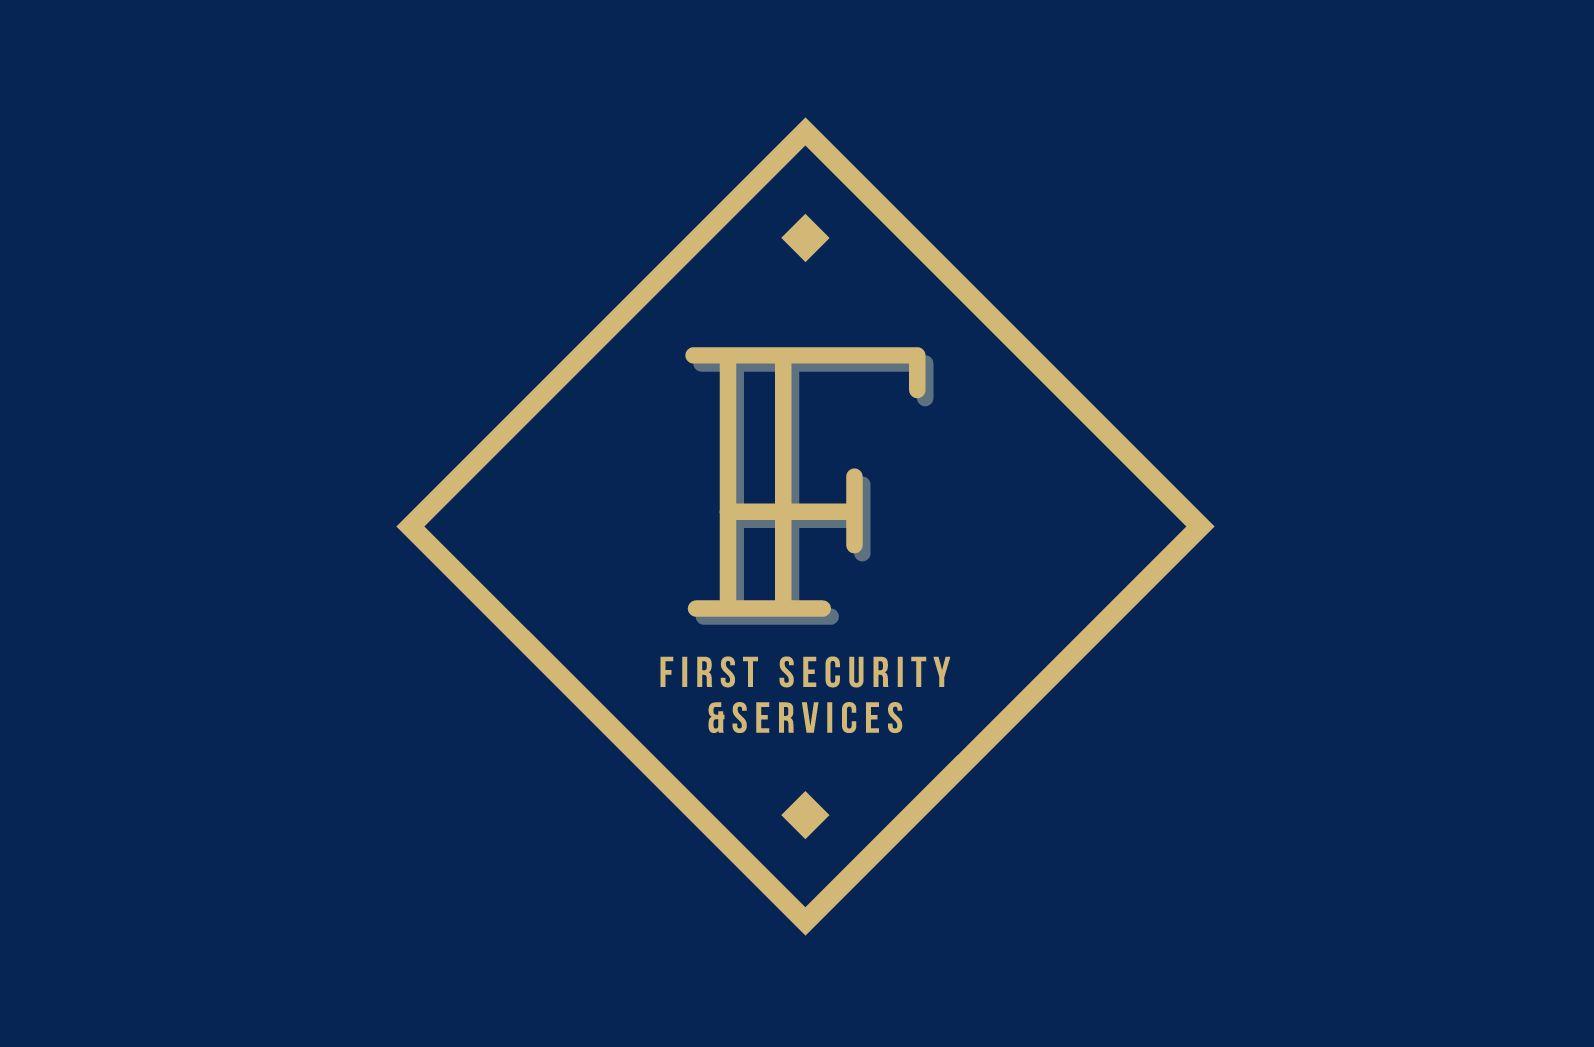 Segurança primeiro!